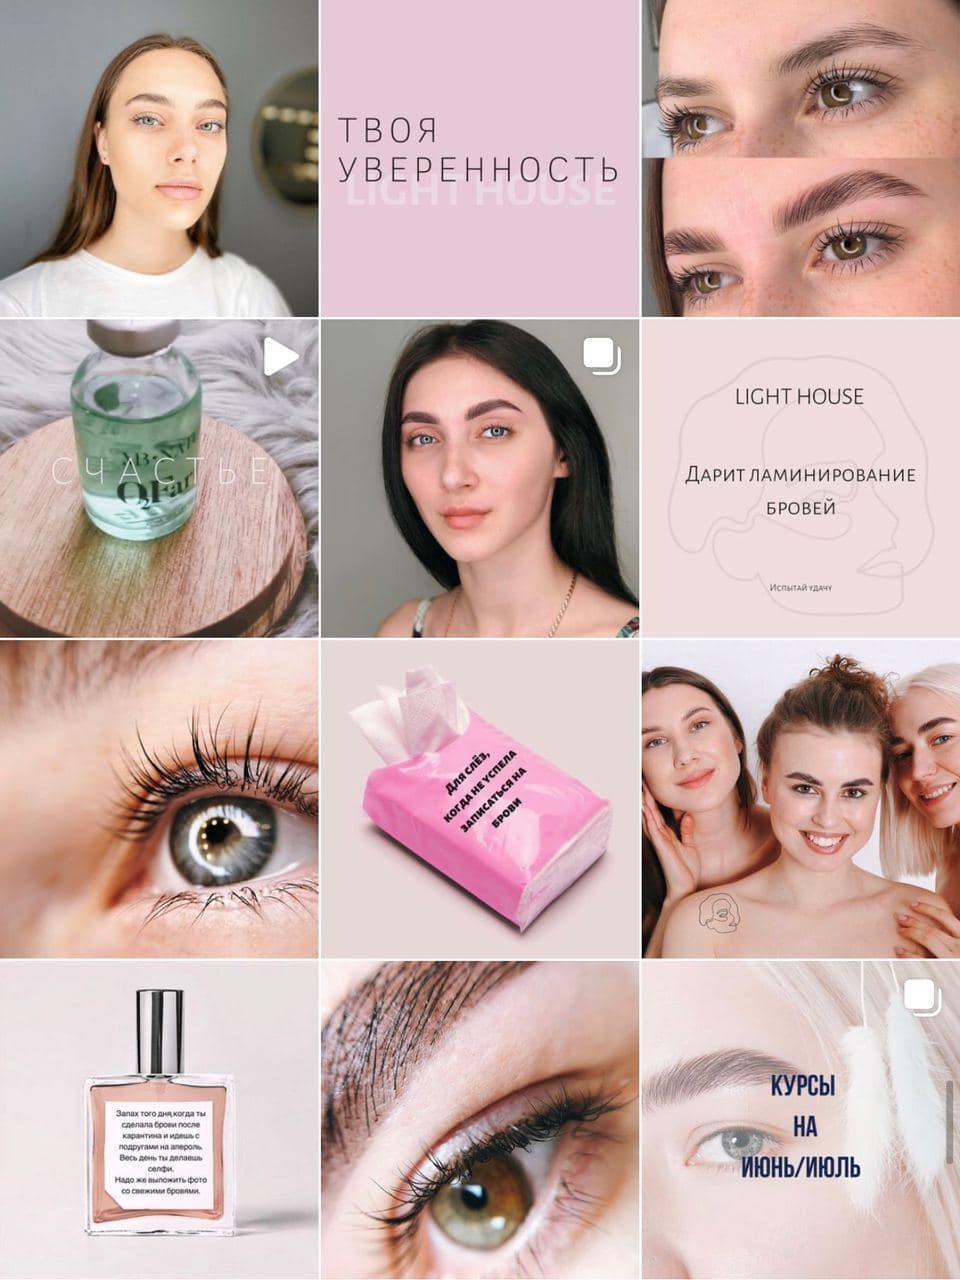 Instagram high quality photos